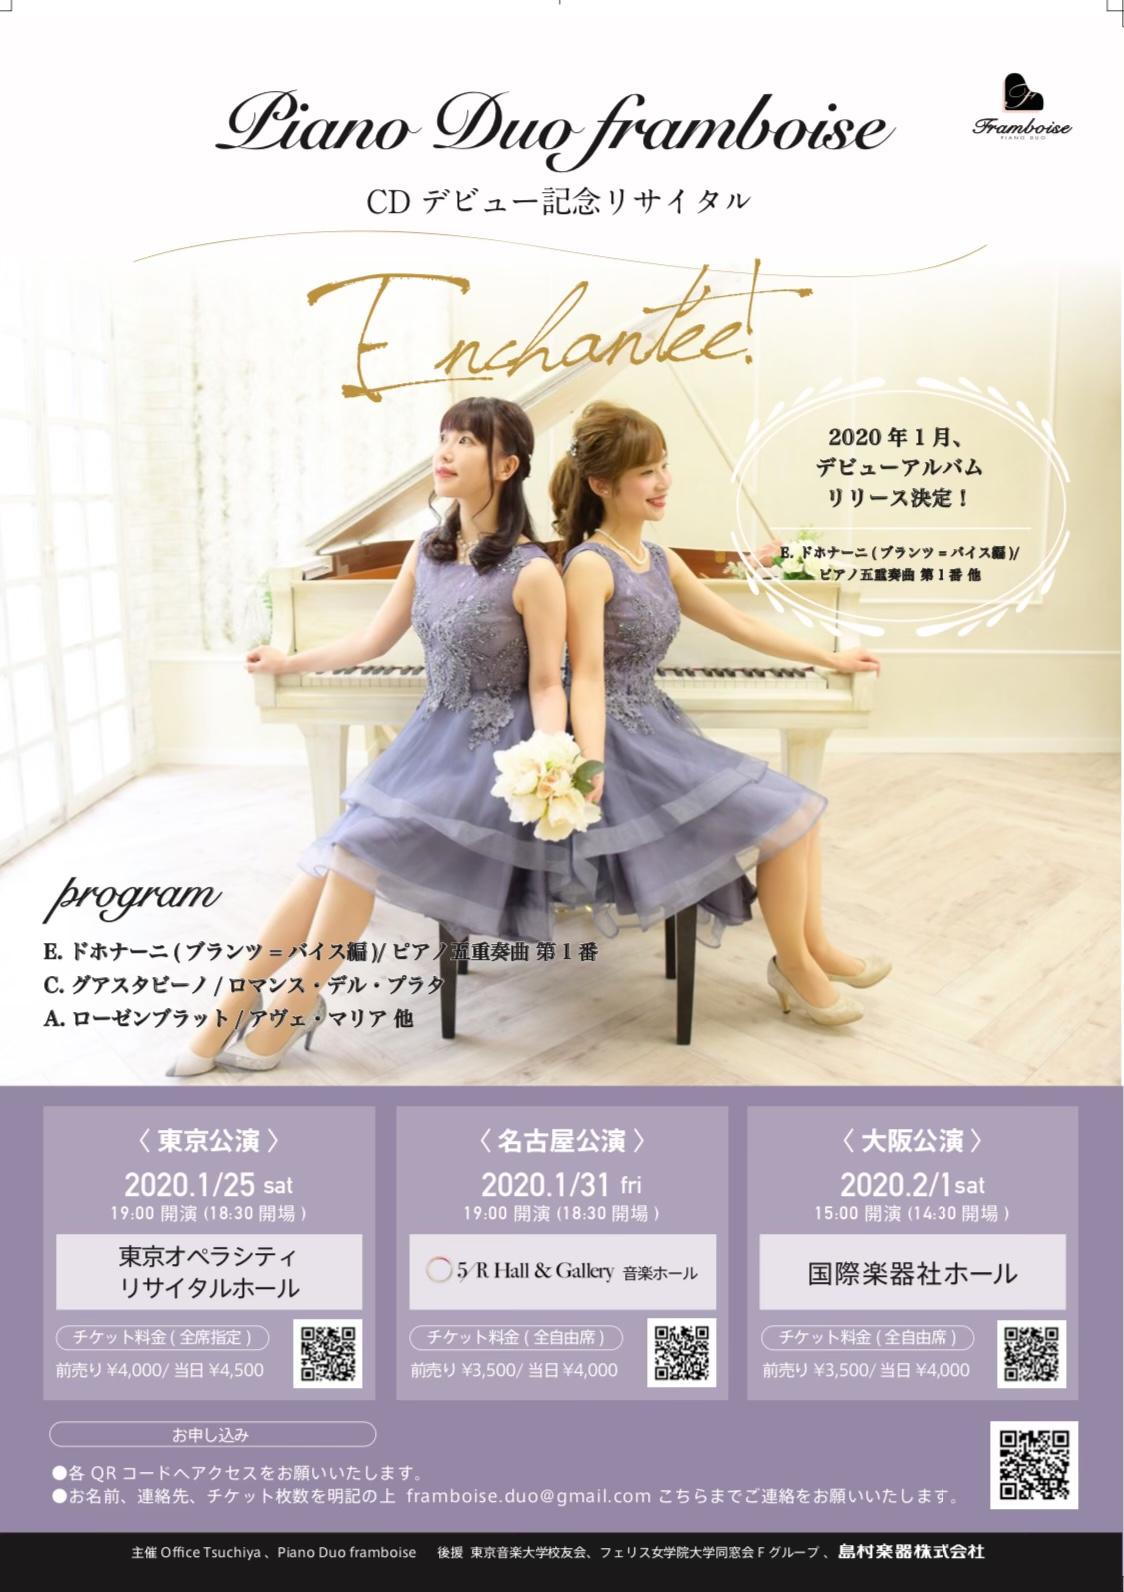 Piano Duo framboise CDデビュー記念リサイタル 〜Enchantée!〜【名古屋公演】